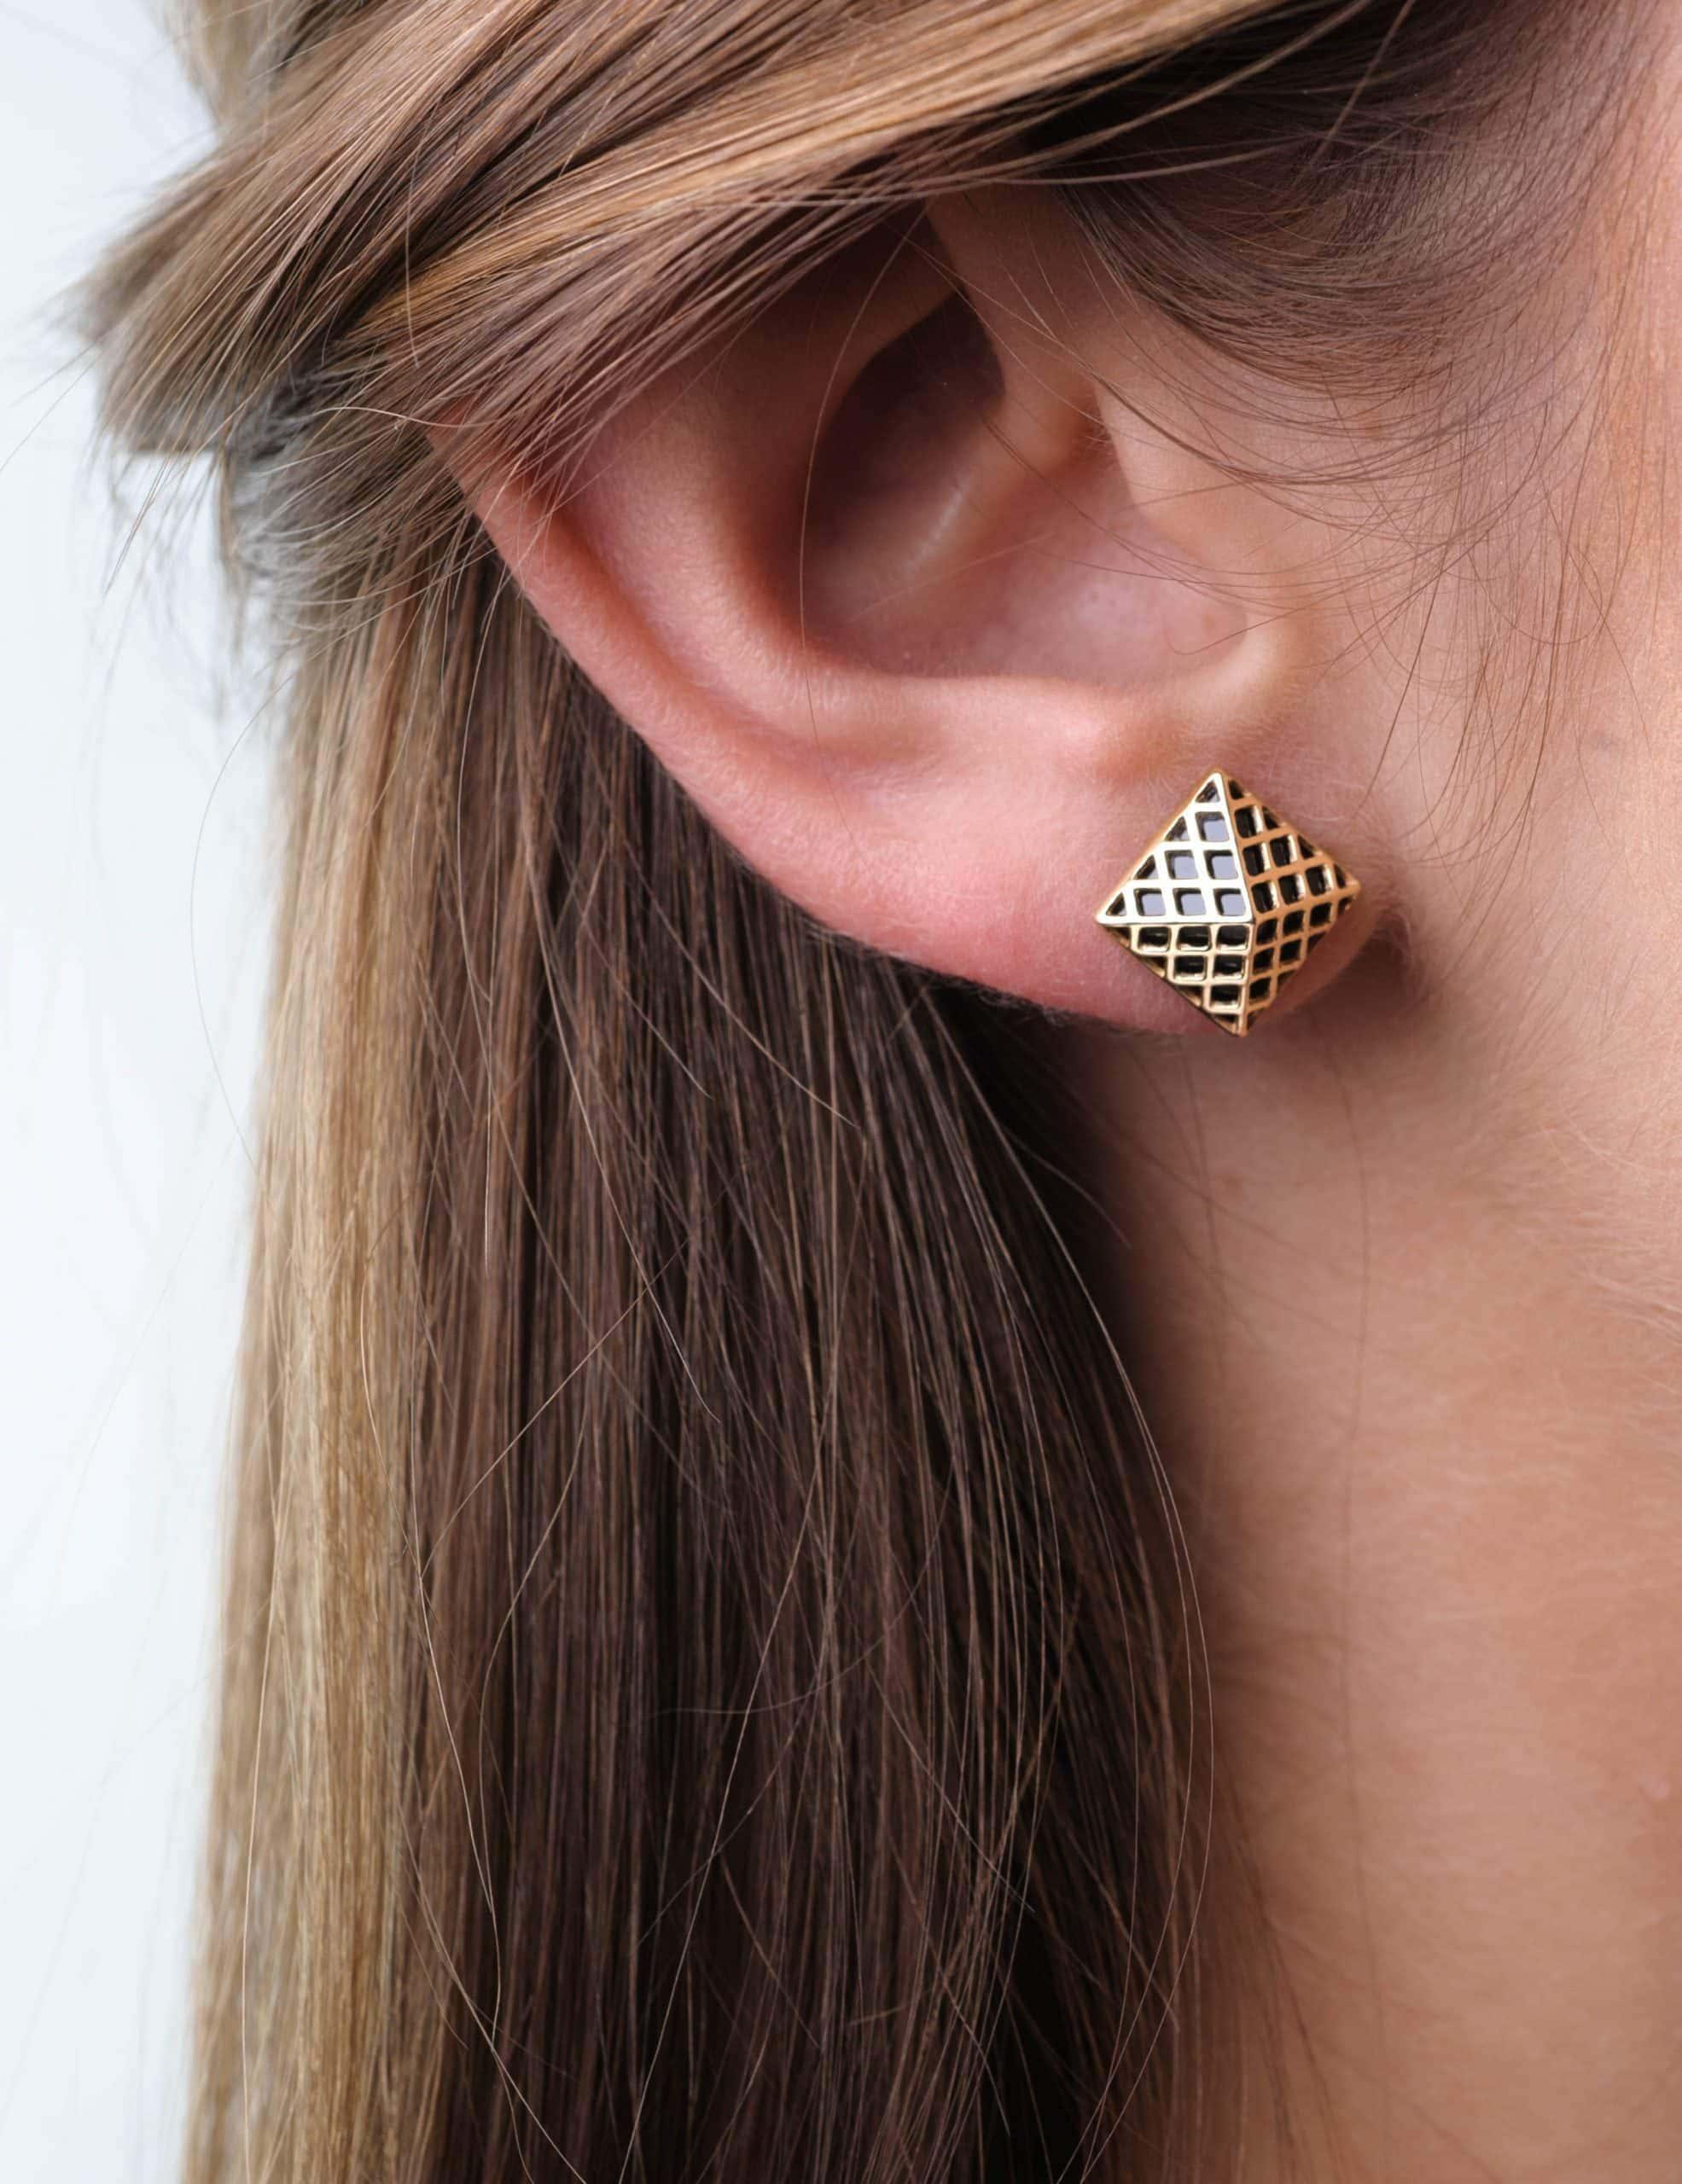 Modelka prezentuje na uchu złote kolczyki z onyksem w formie nietypowych piramidek.